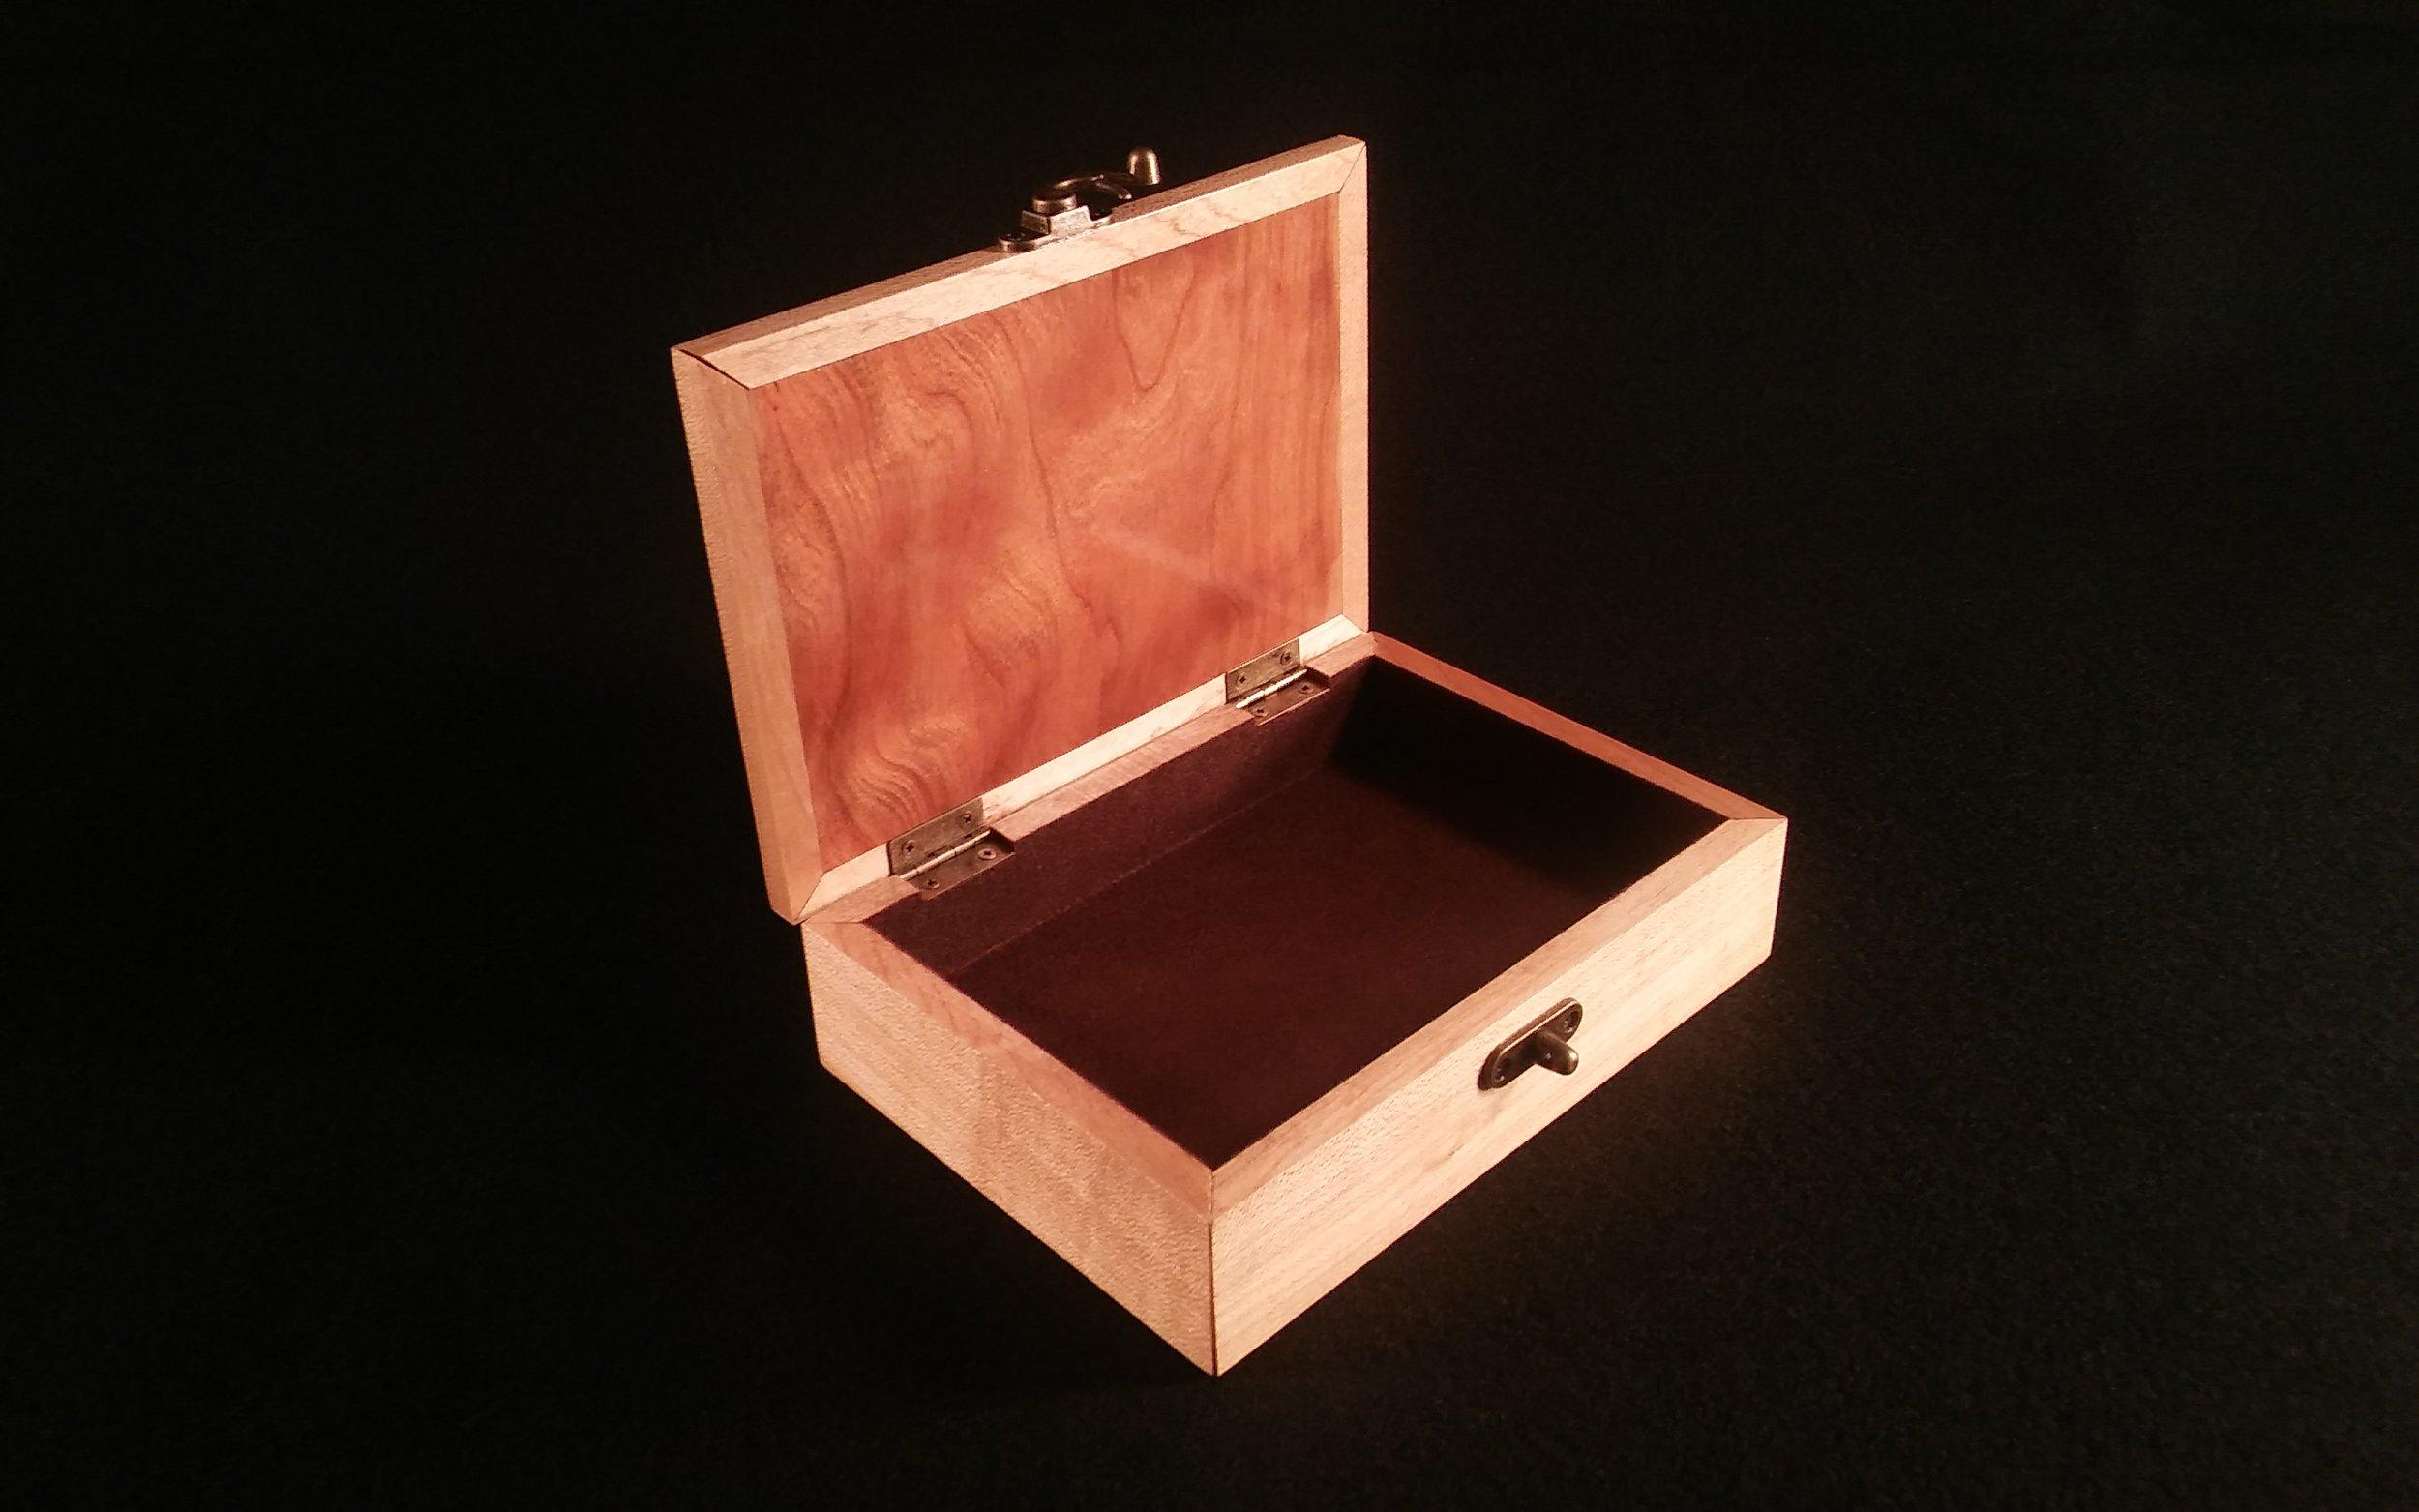 Box Internal.jpg